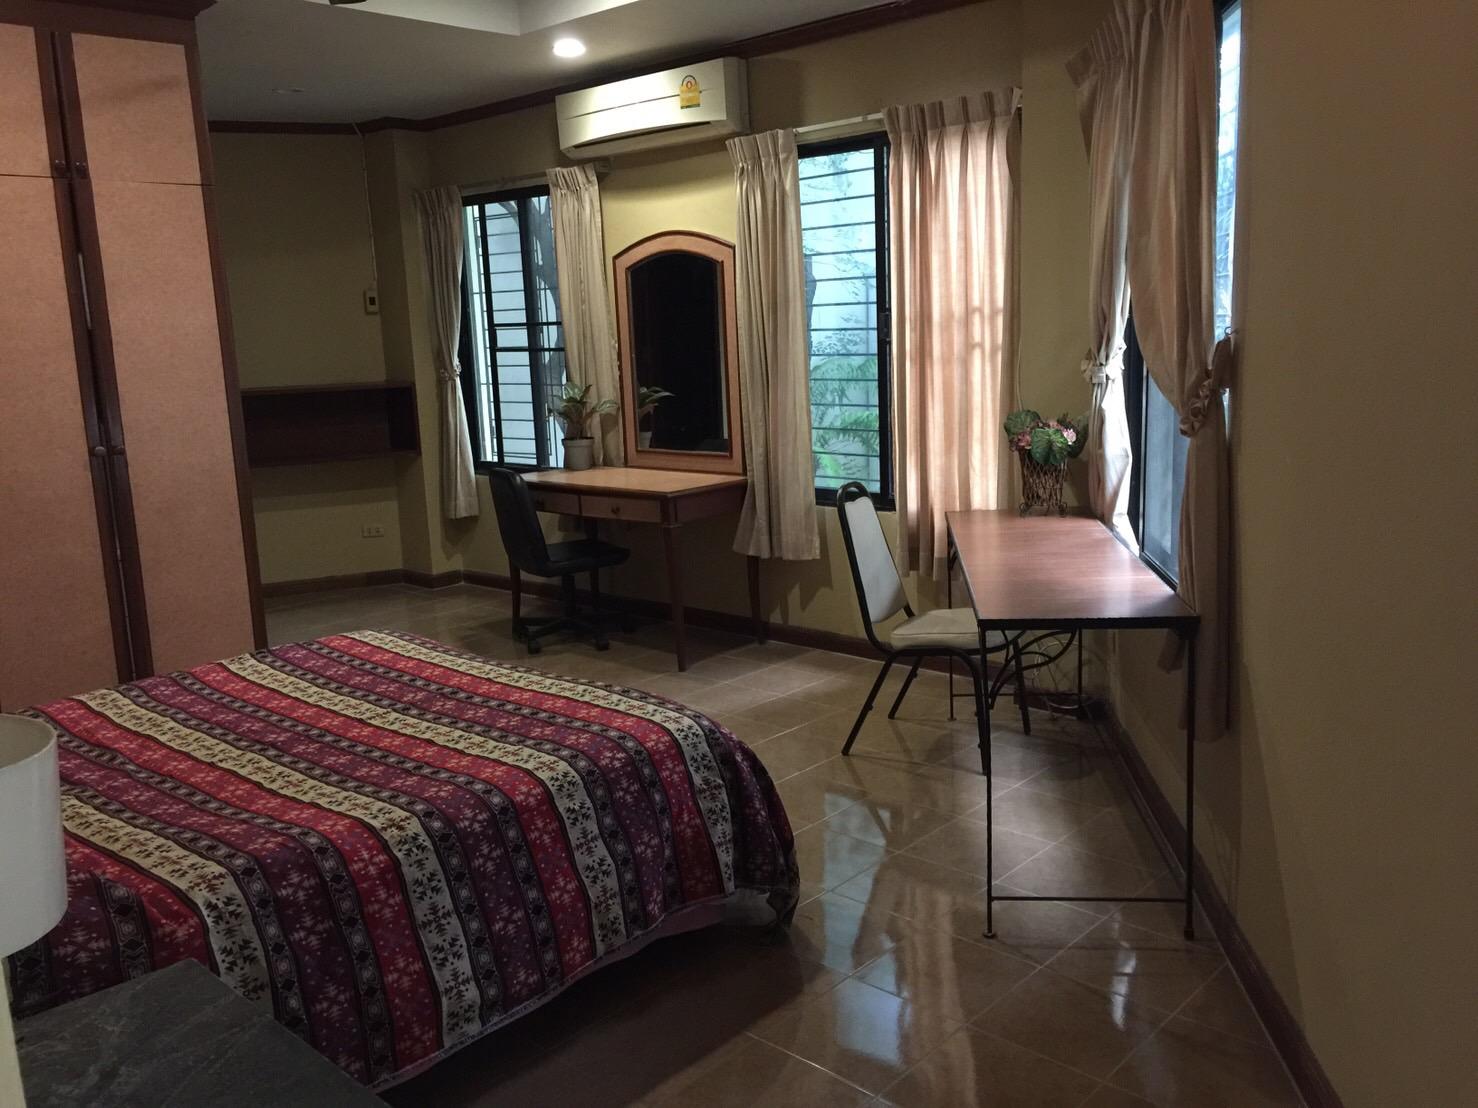 หอพักสตรี MISSY HOME(ตรงข้าม รพ.สัตว์แพทย์ ม.เกษตร)